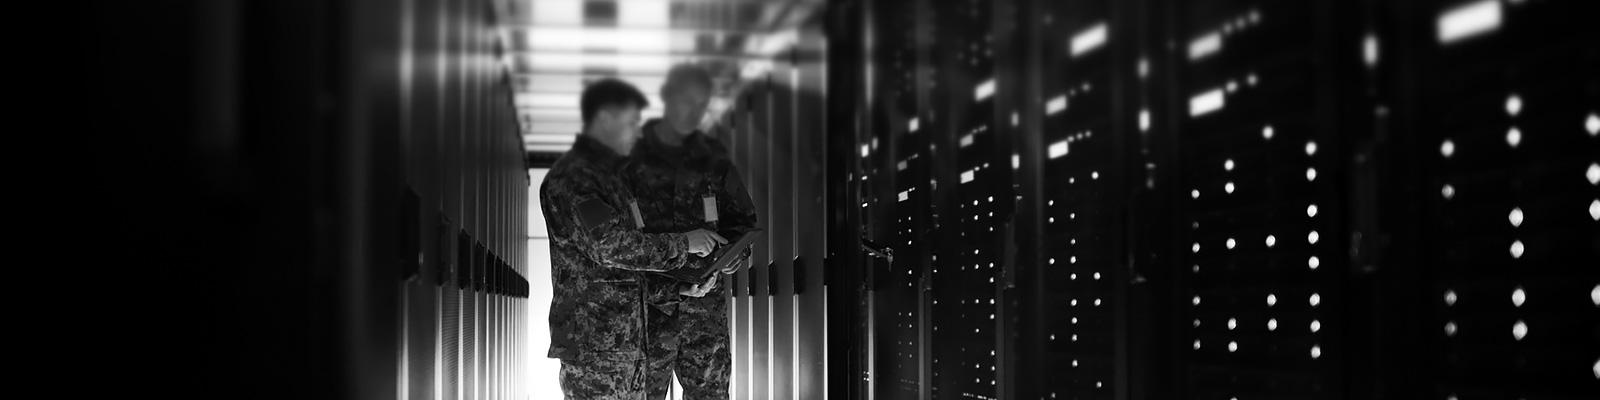 軍事 コンピュータ イメージ